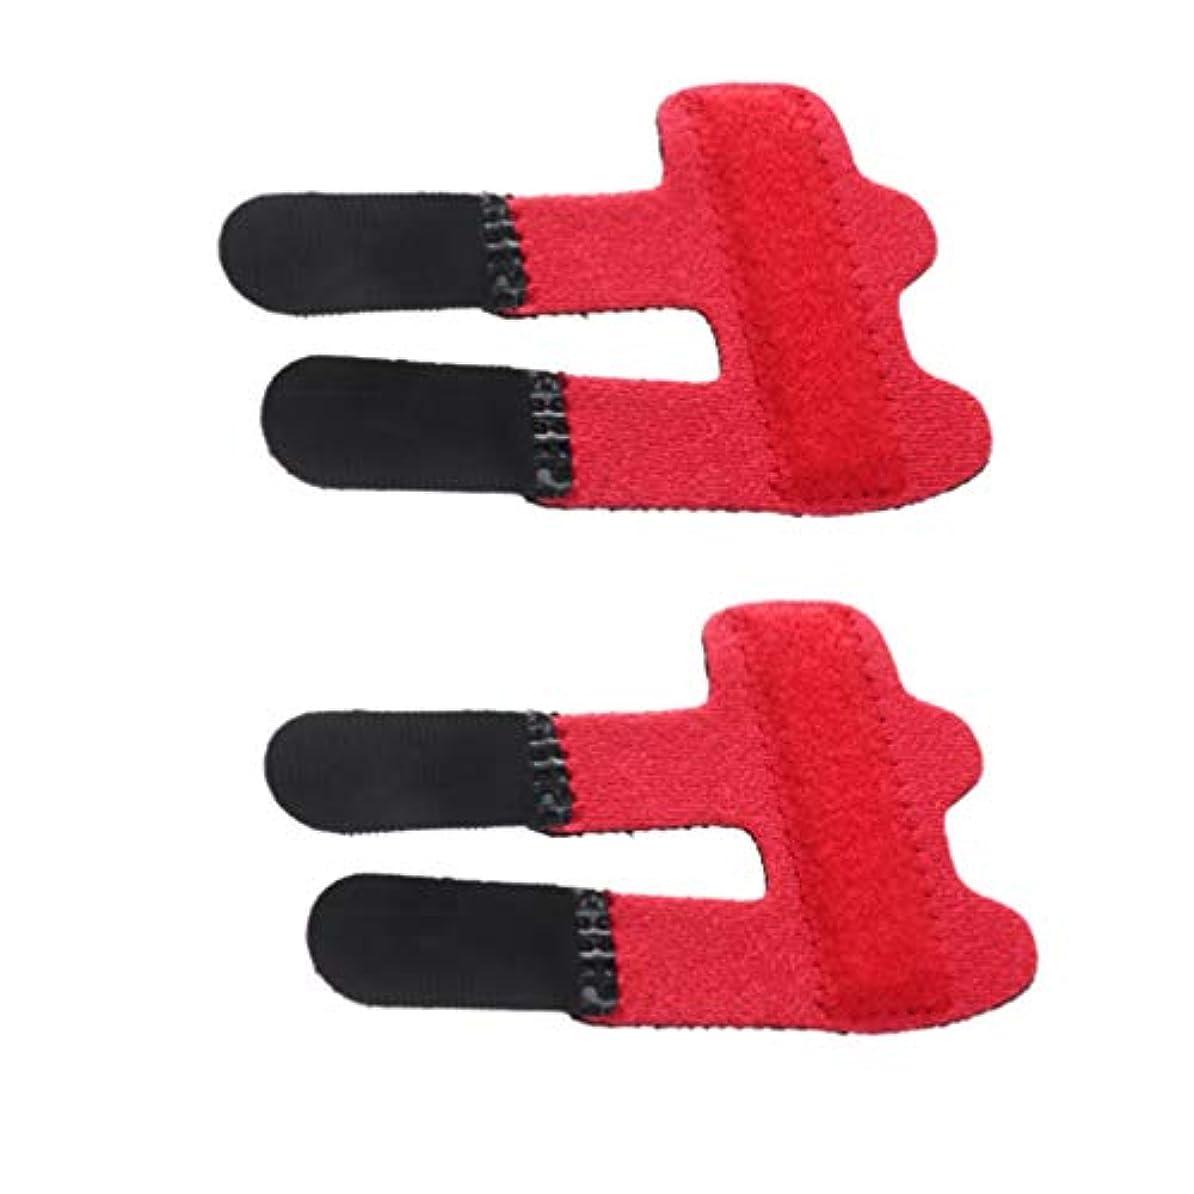 チョップアルミニウムファームHealifty 2本のマレットフィンガースプリントトリガーフィンガーブレースフィンガーエクステンションスプリント用壊れた指腱の痛みの緩和(赤)